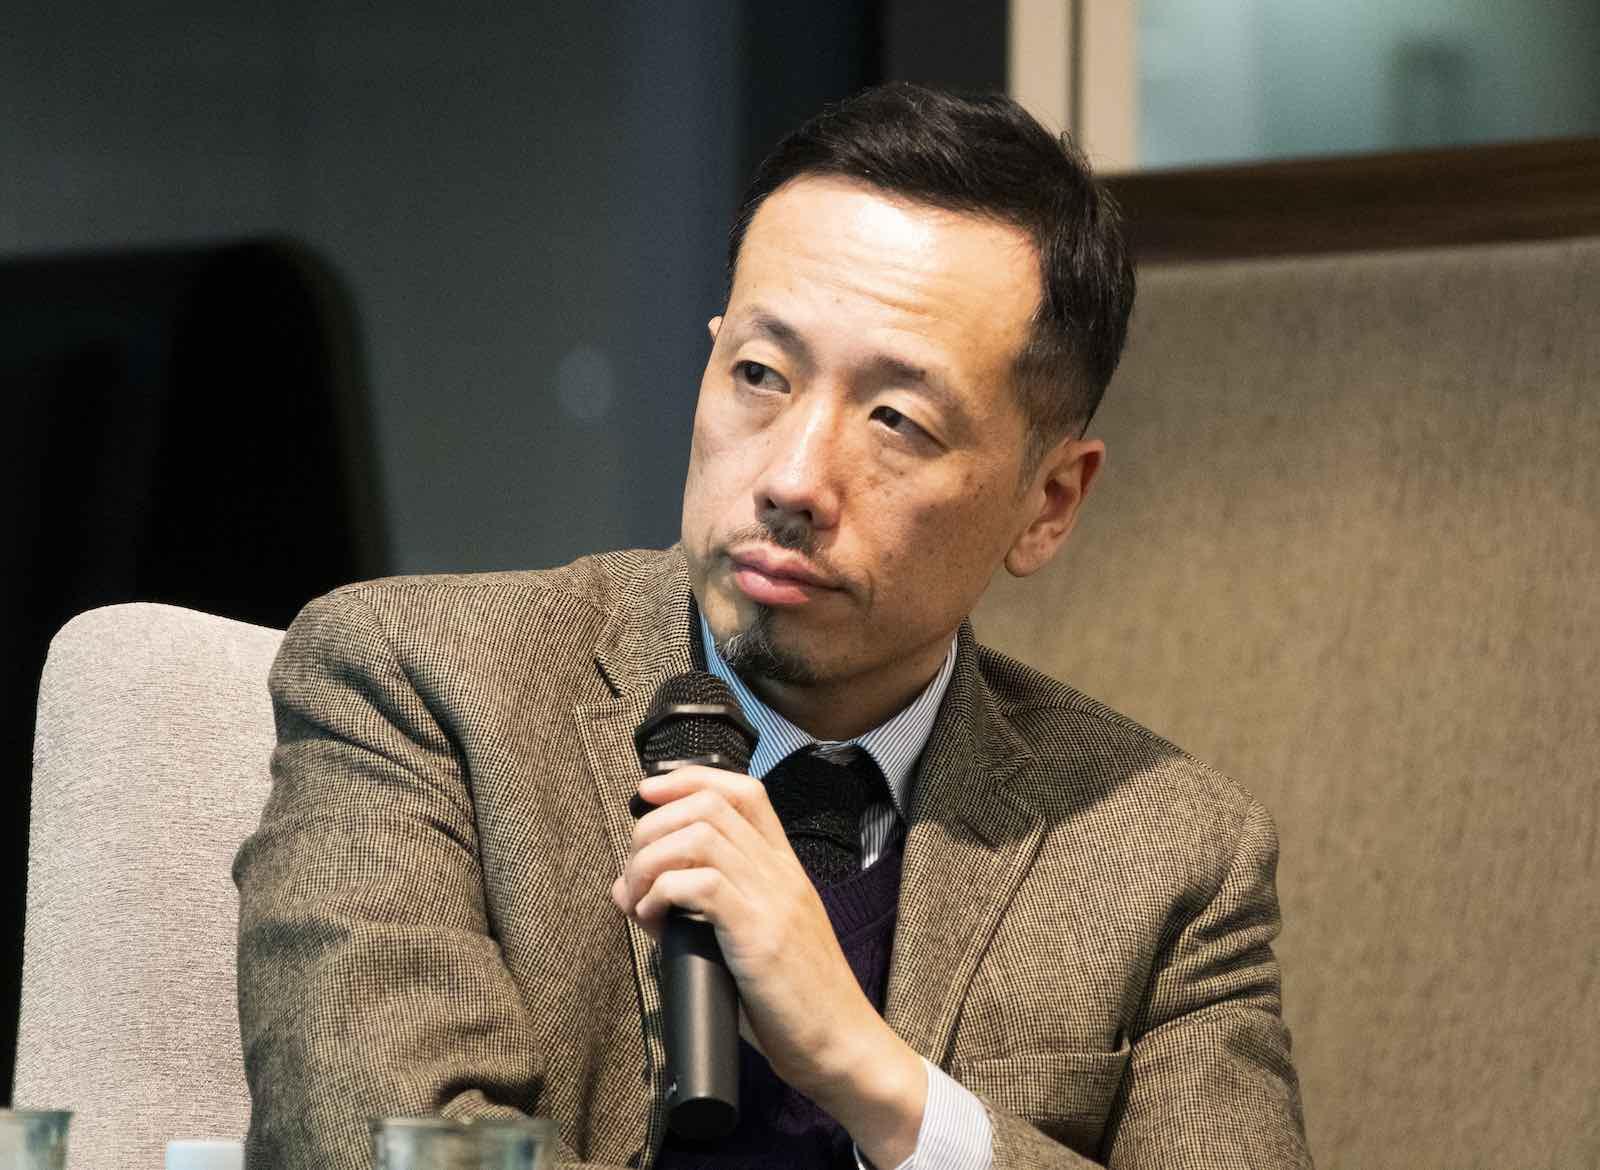 右手にマイクを持つ奥谷孝司氏(株式会社顧客時間 共同CEO)